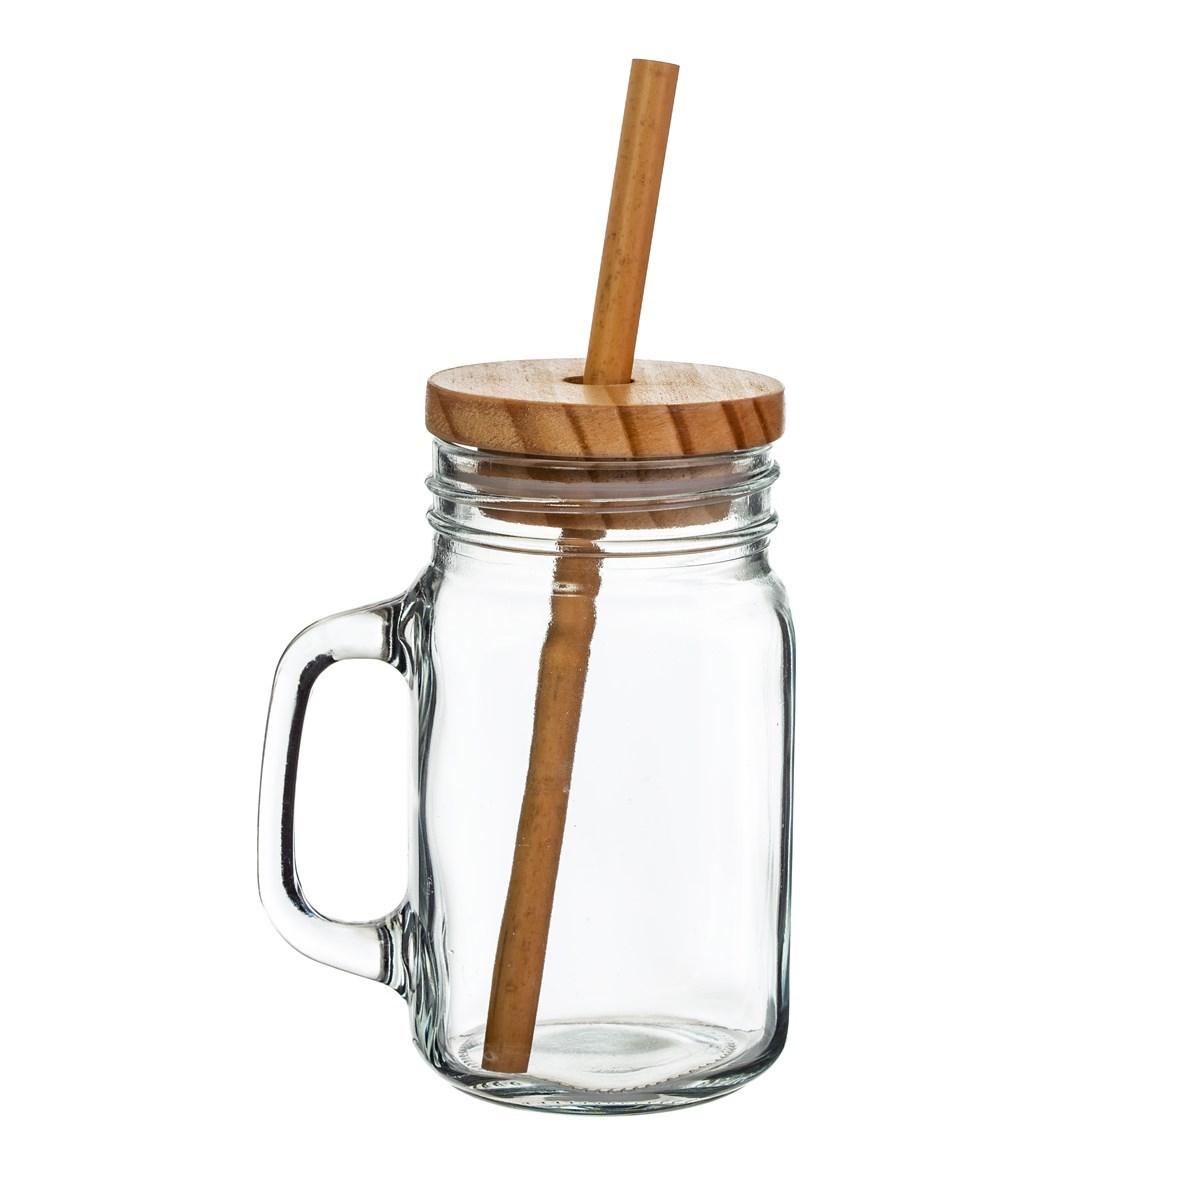 Skleněný hrnek s dřevěným víčkem a bambusovým brčkem_1